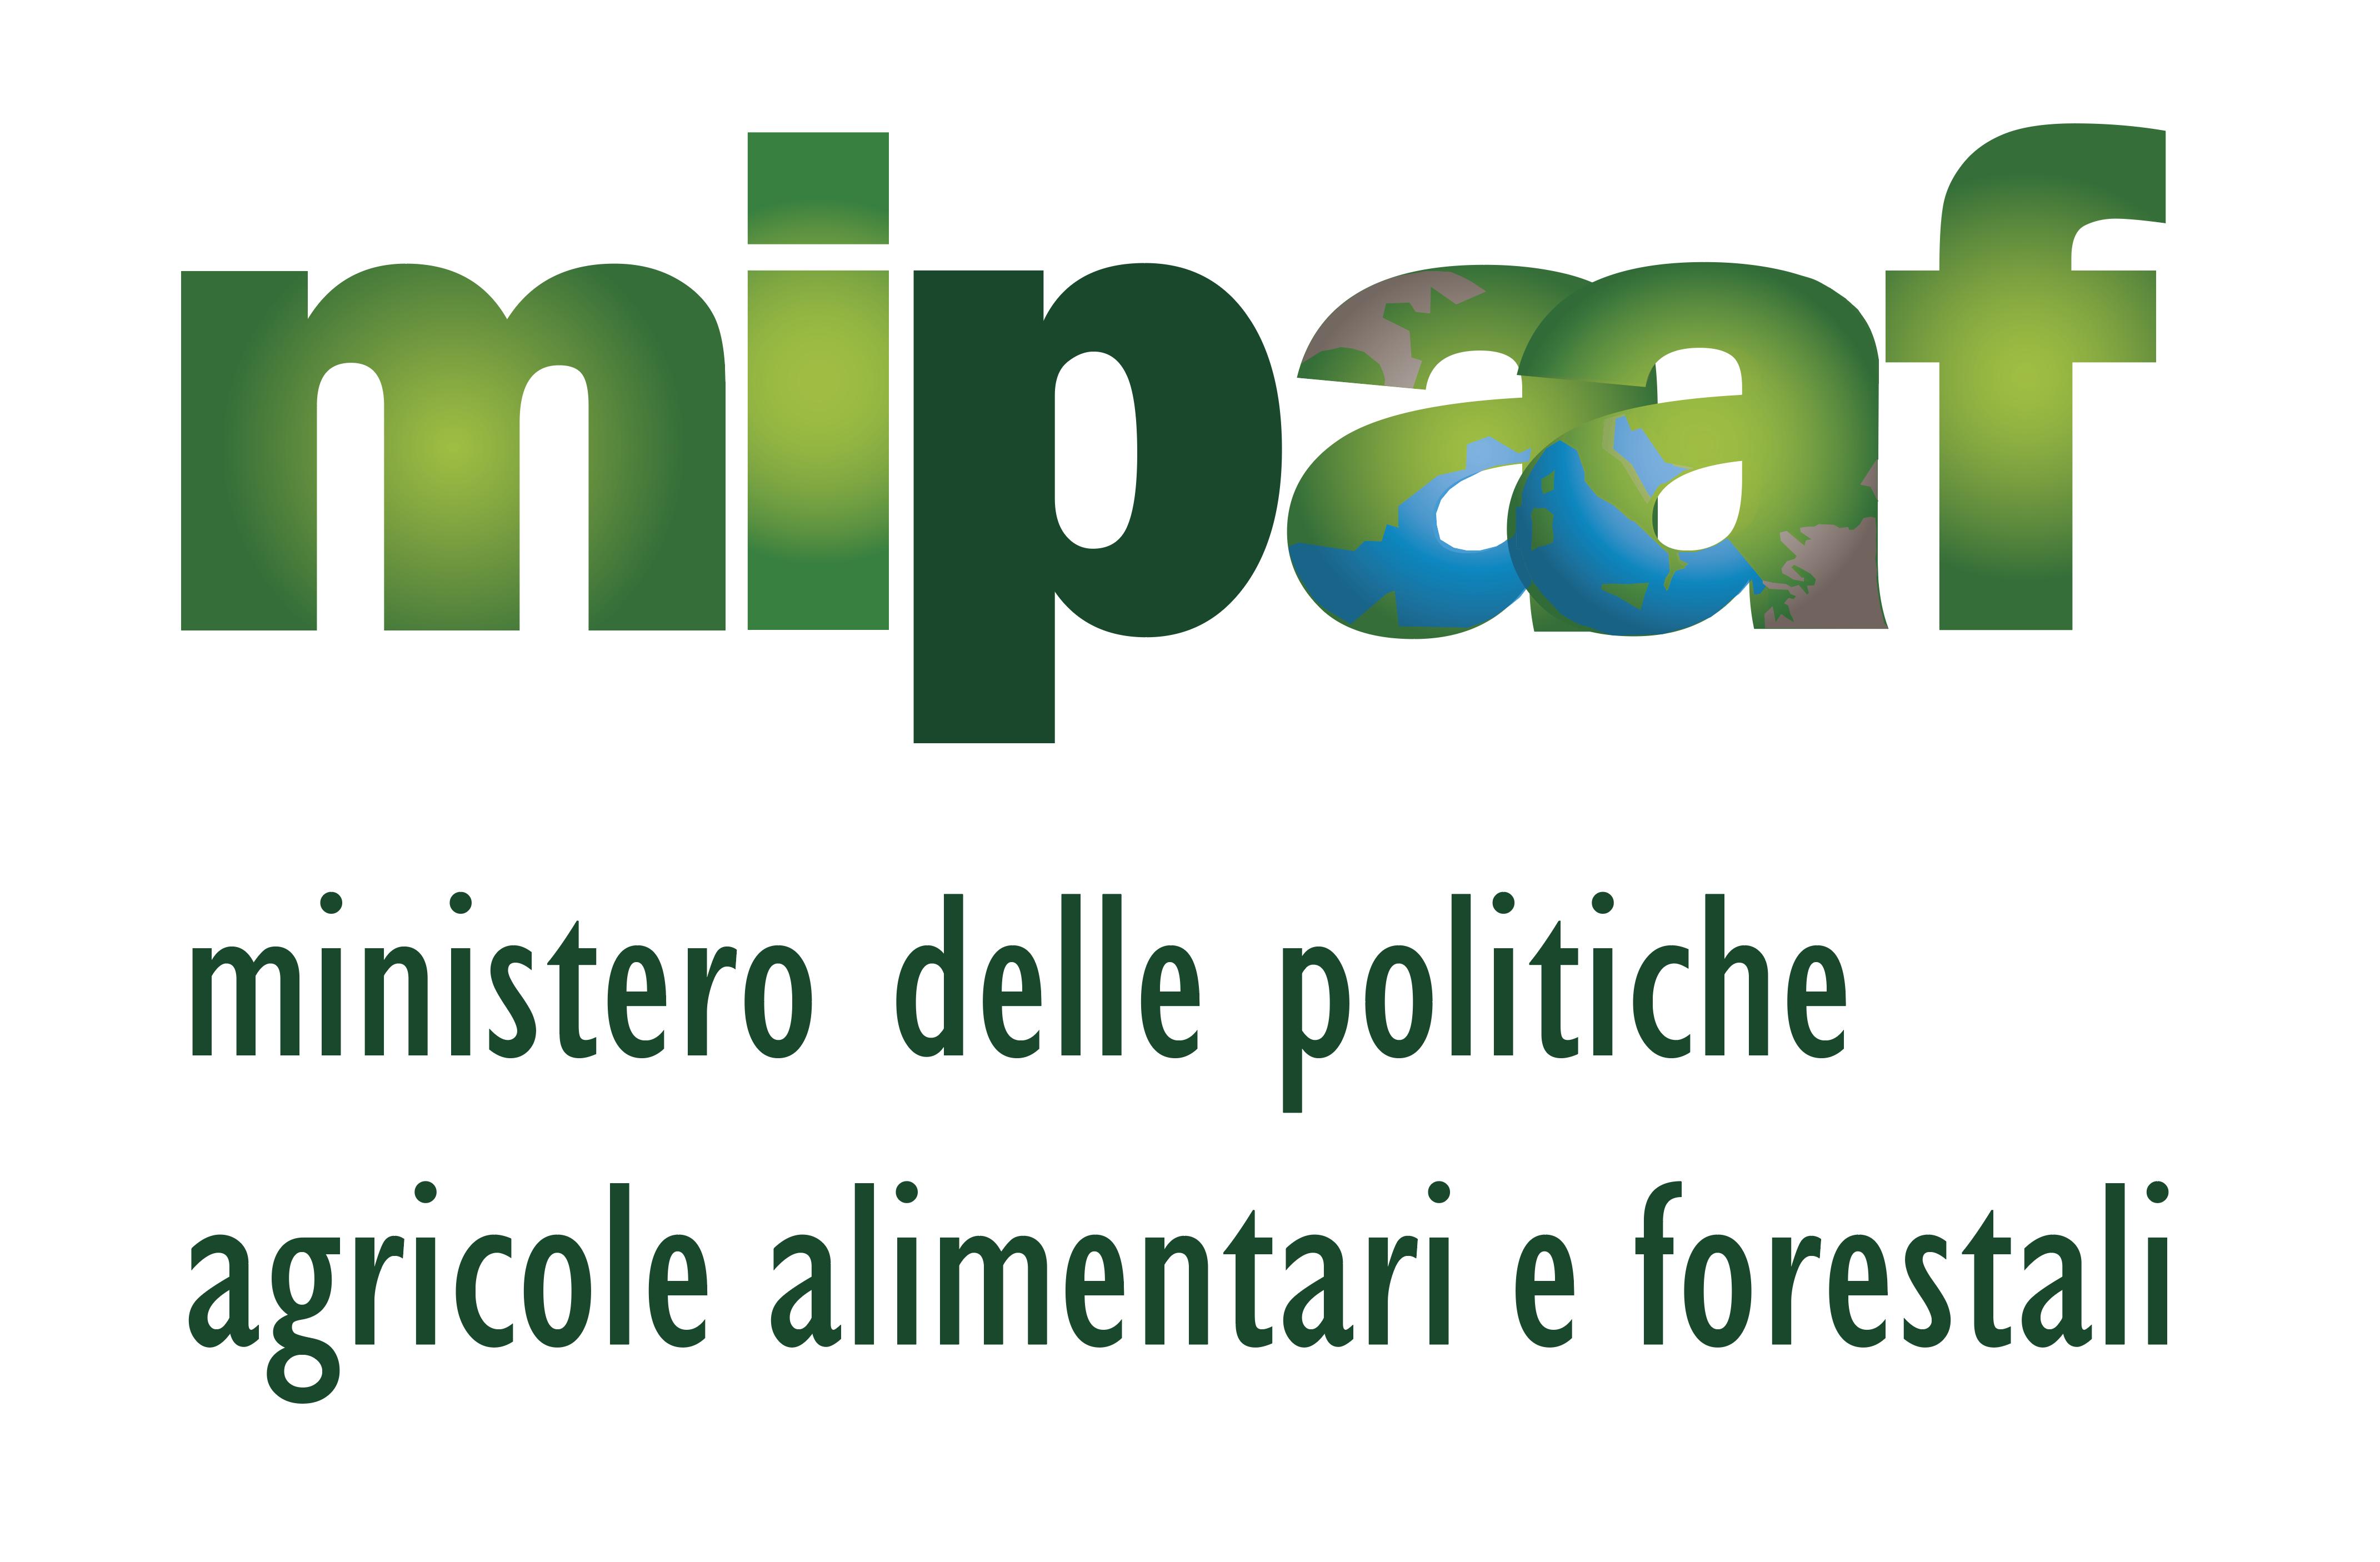 Ministero delle politiche agricole alimentari e forestali - Wikipedia